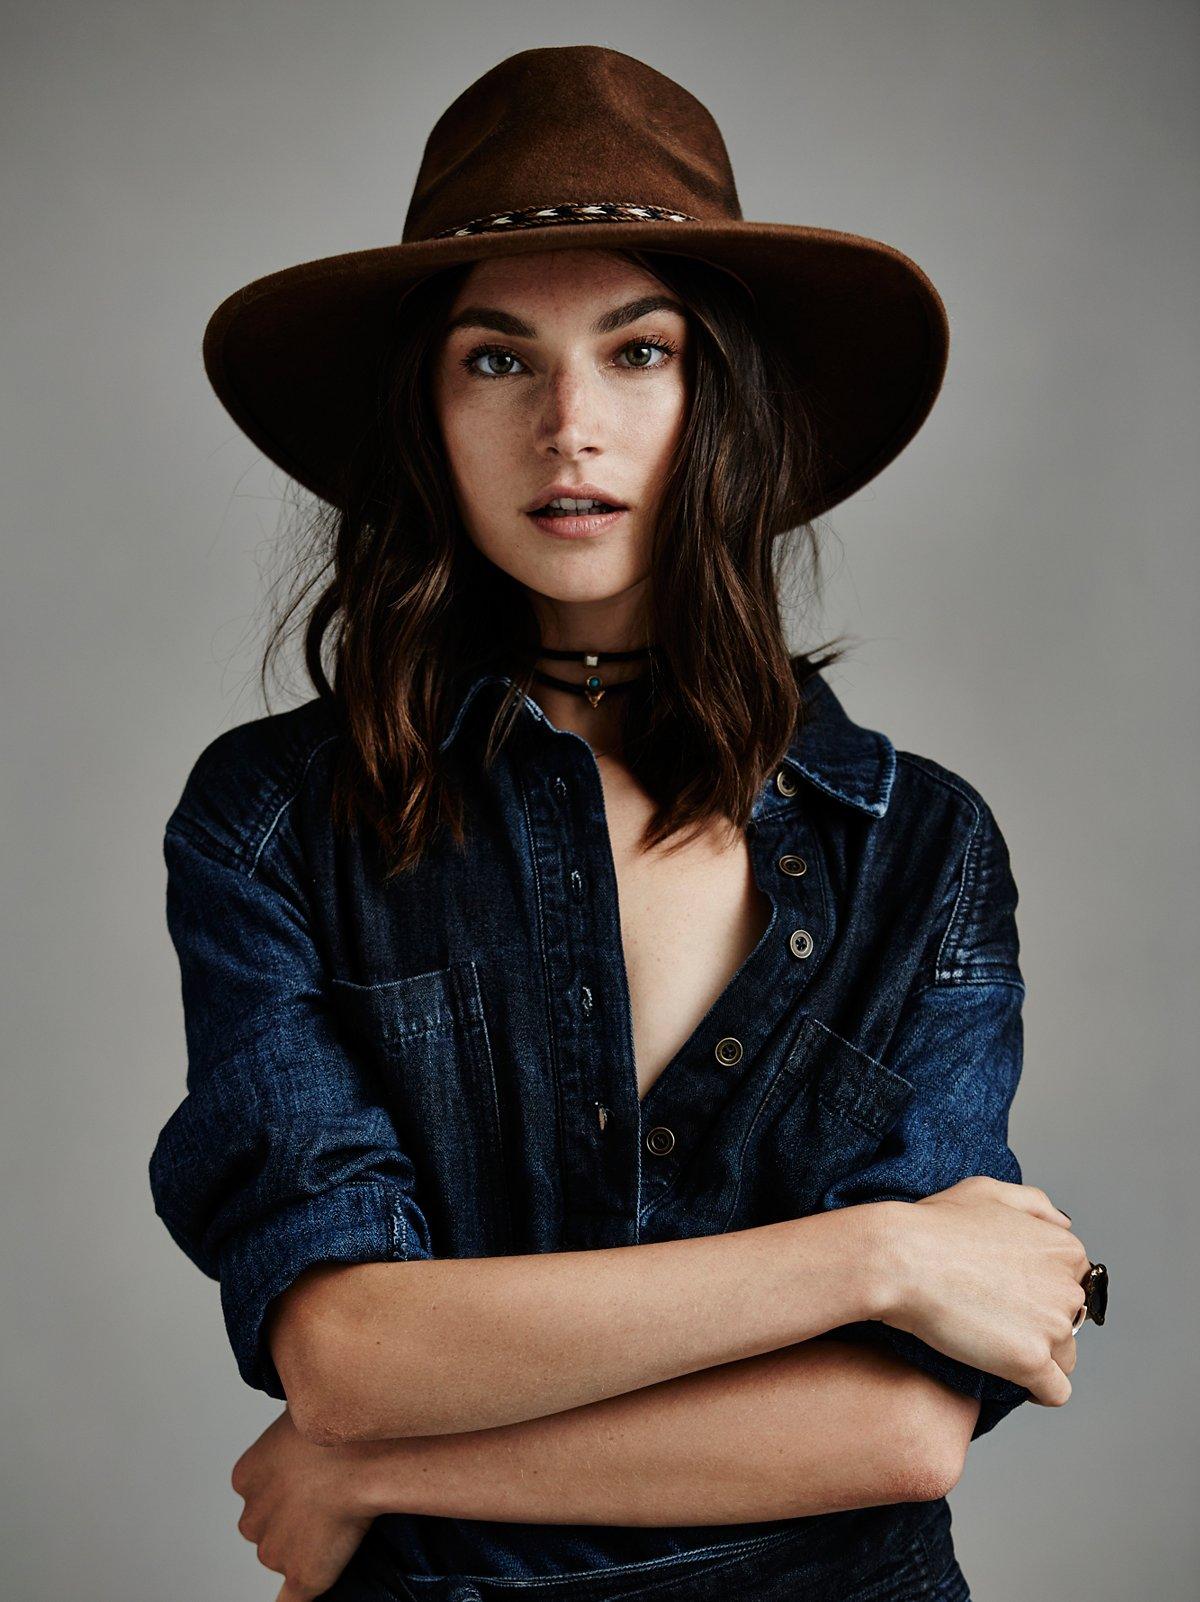 Roxy Dene做旧毡帽